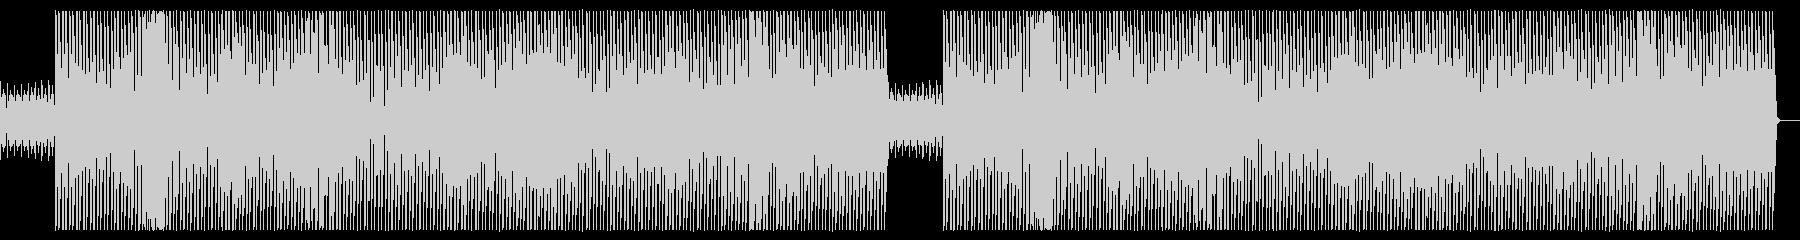 強めのキックとスクラッチが特徴的な楽曲の未再生の波形